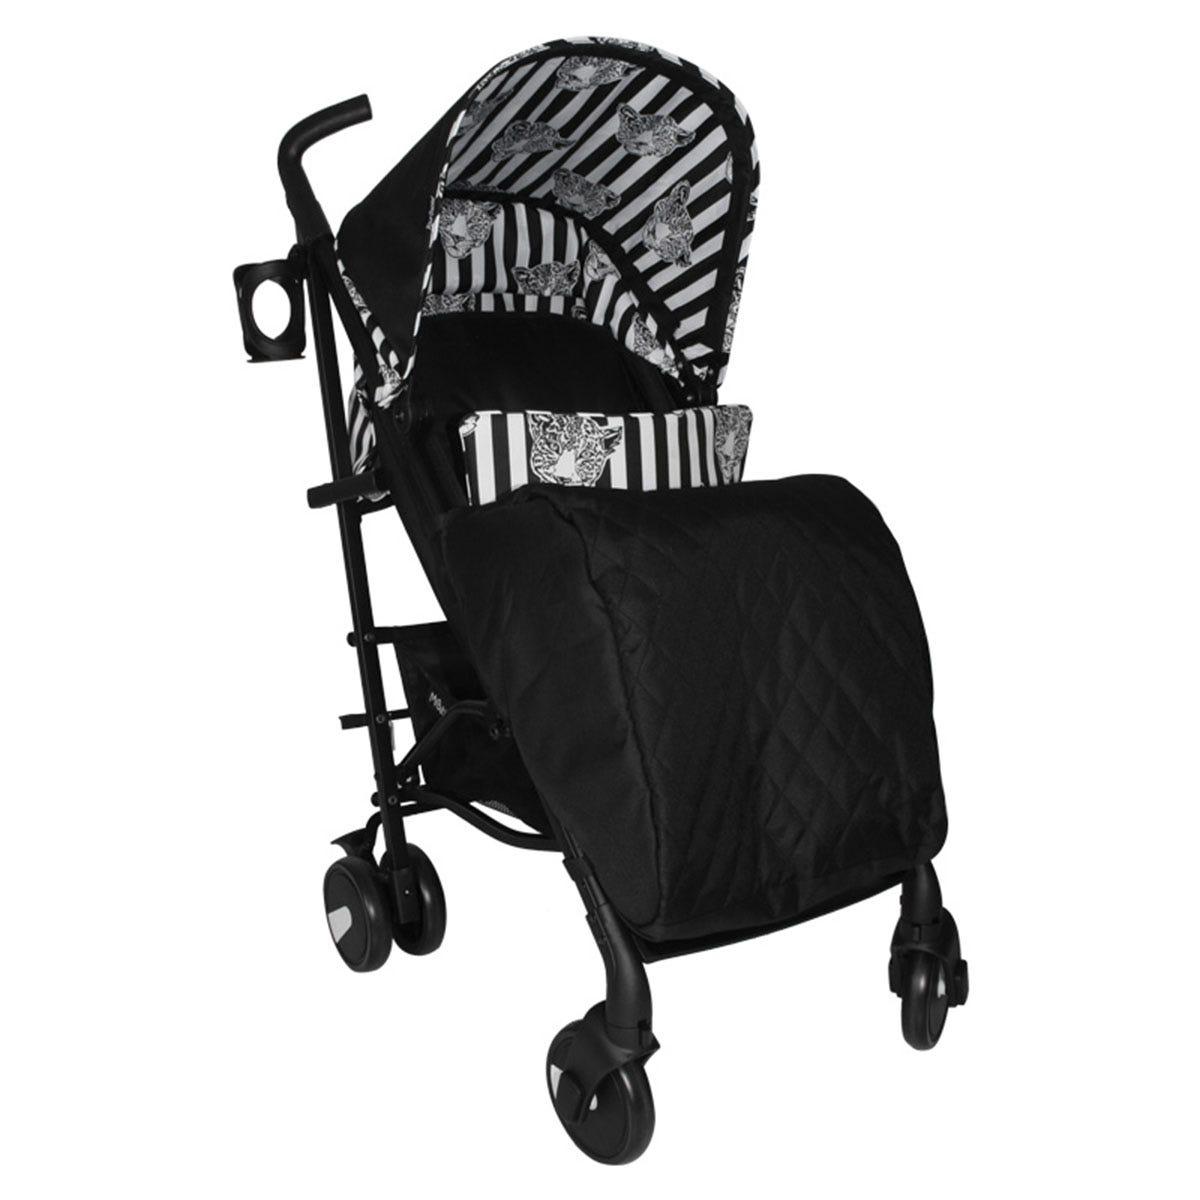 My Babiie Monochrome Leopard Stroller - Black